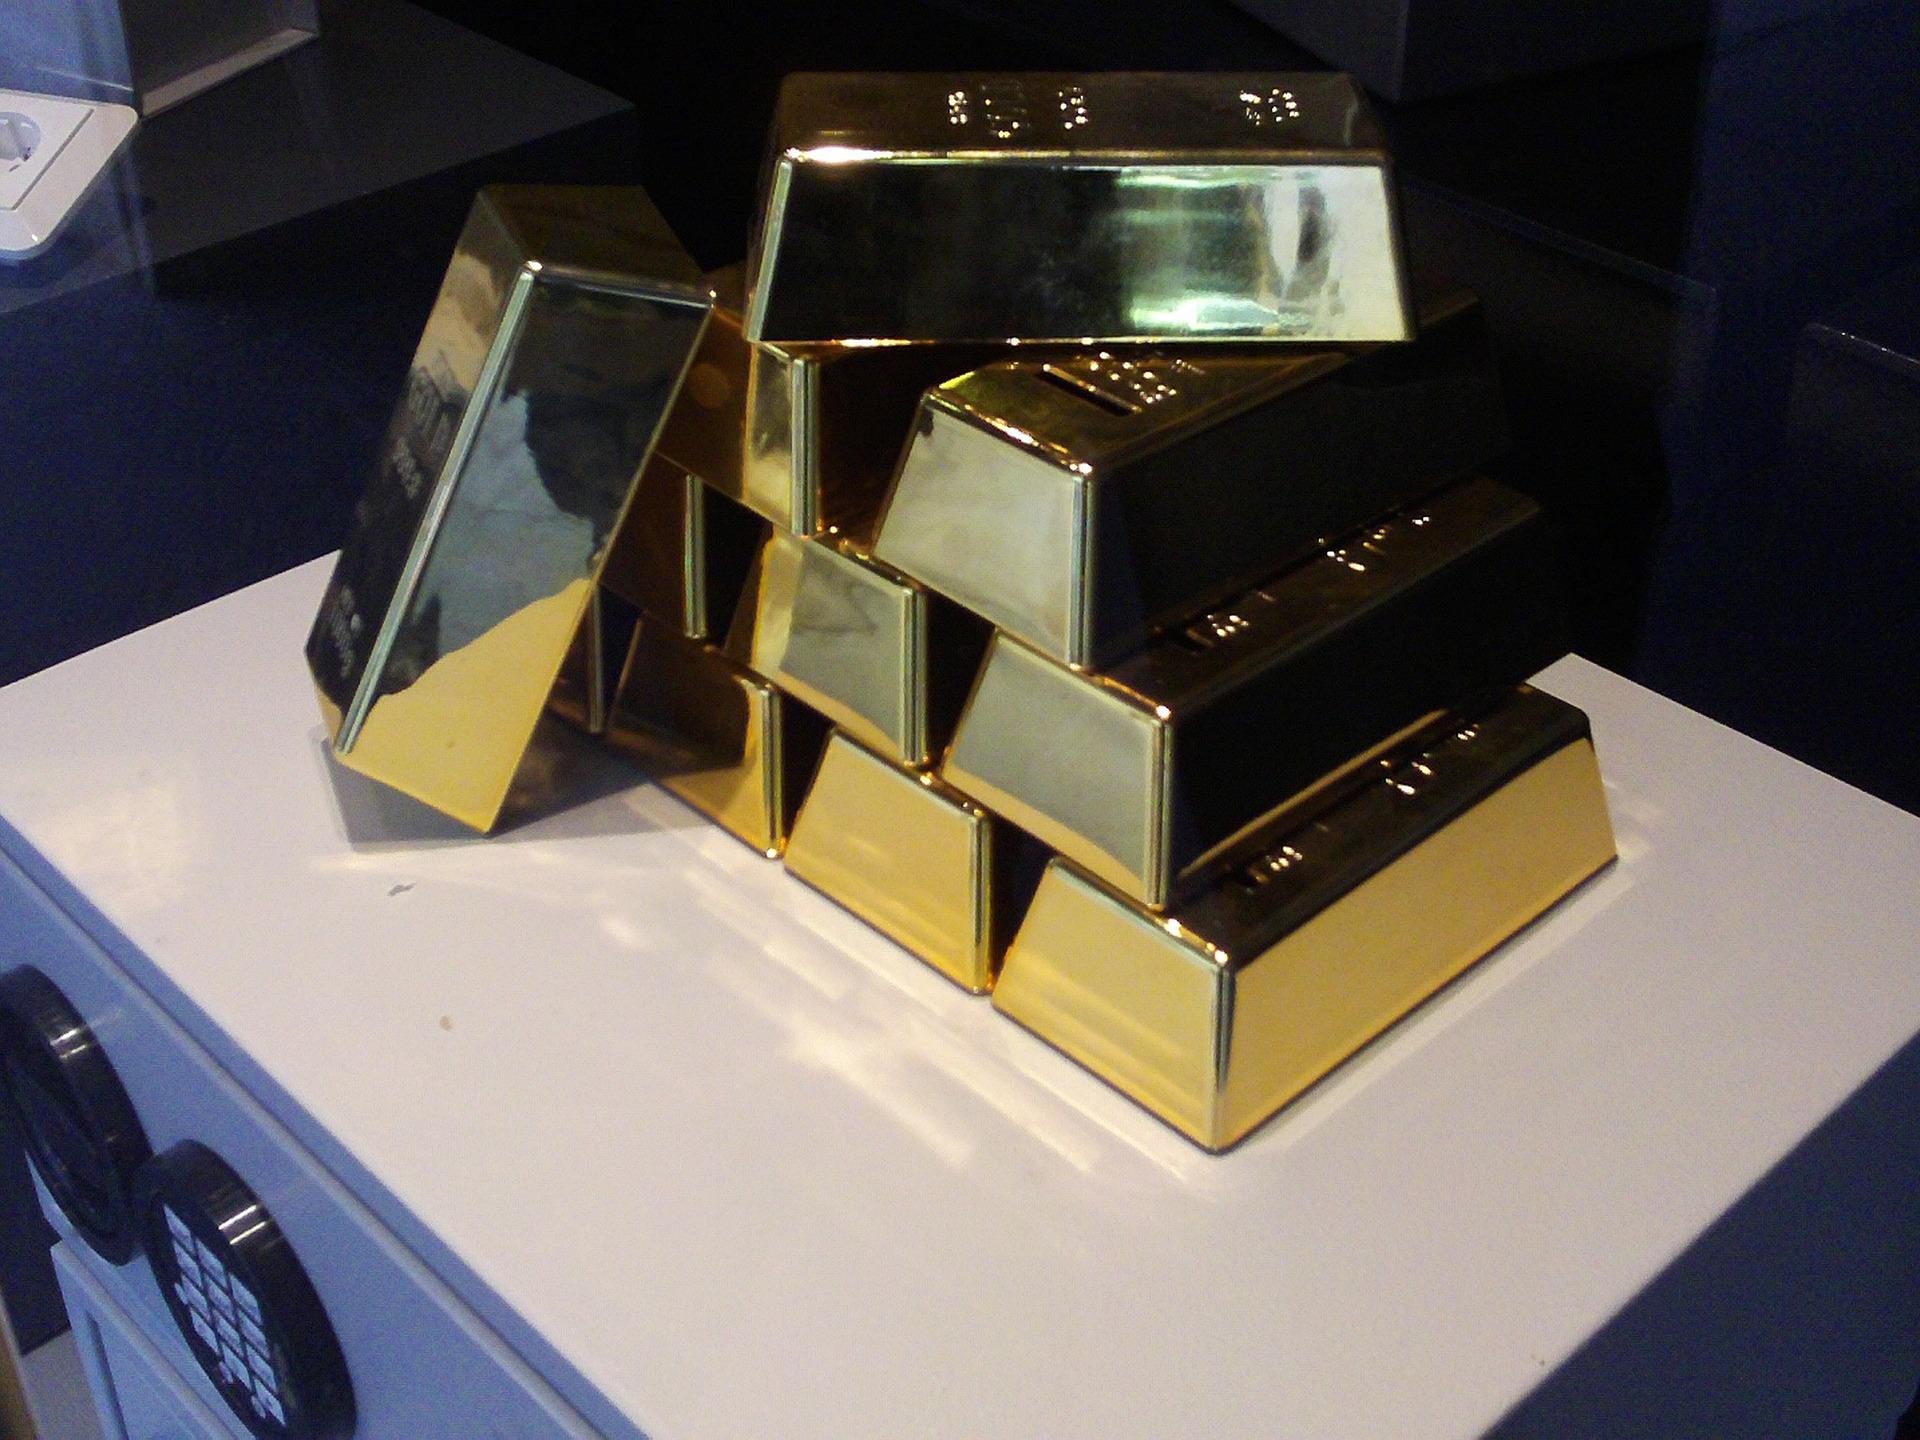 НБУ спростив перетин митниці з дорогоцінними металами